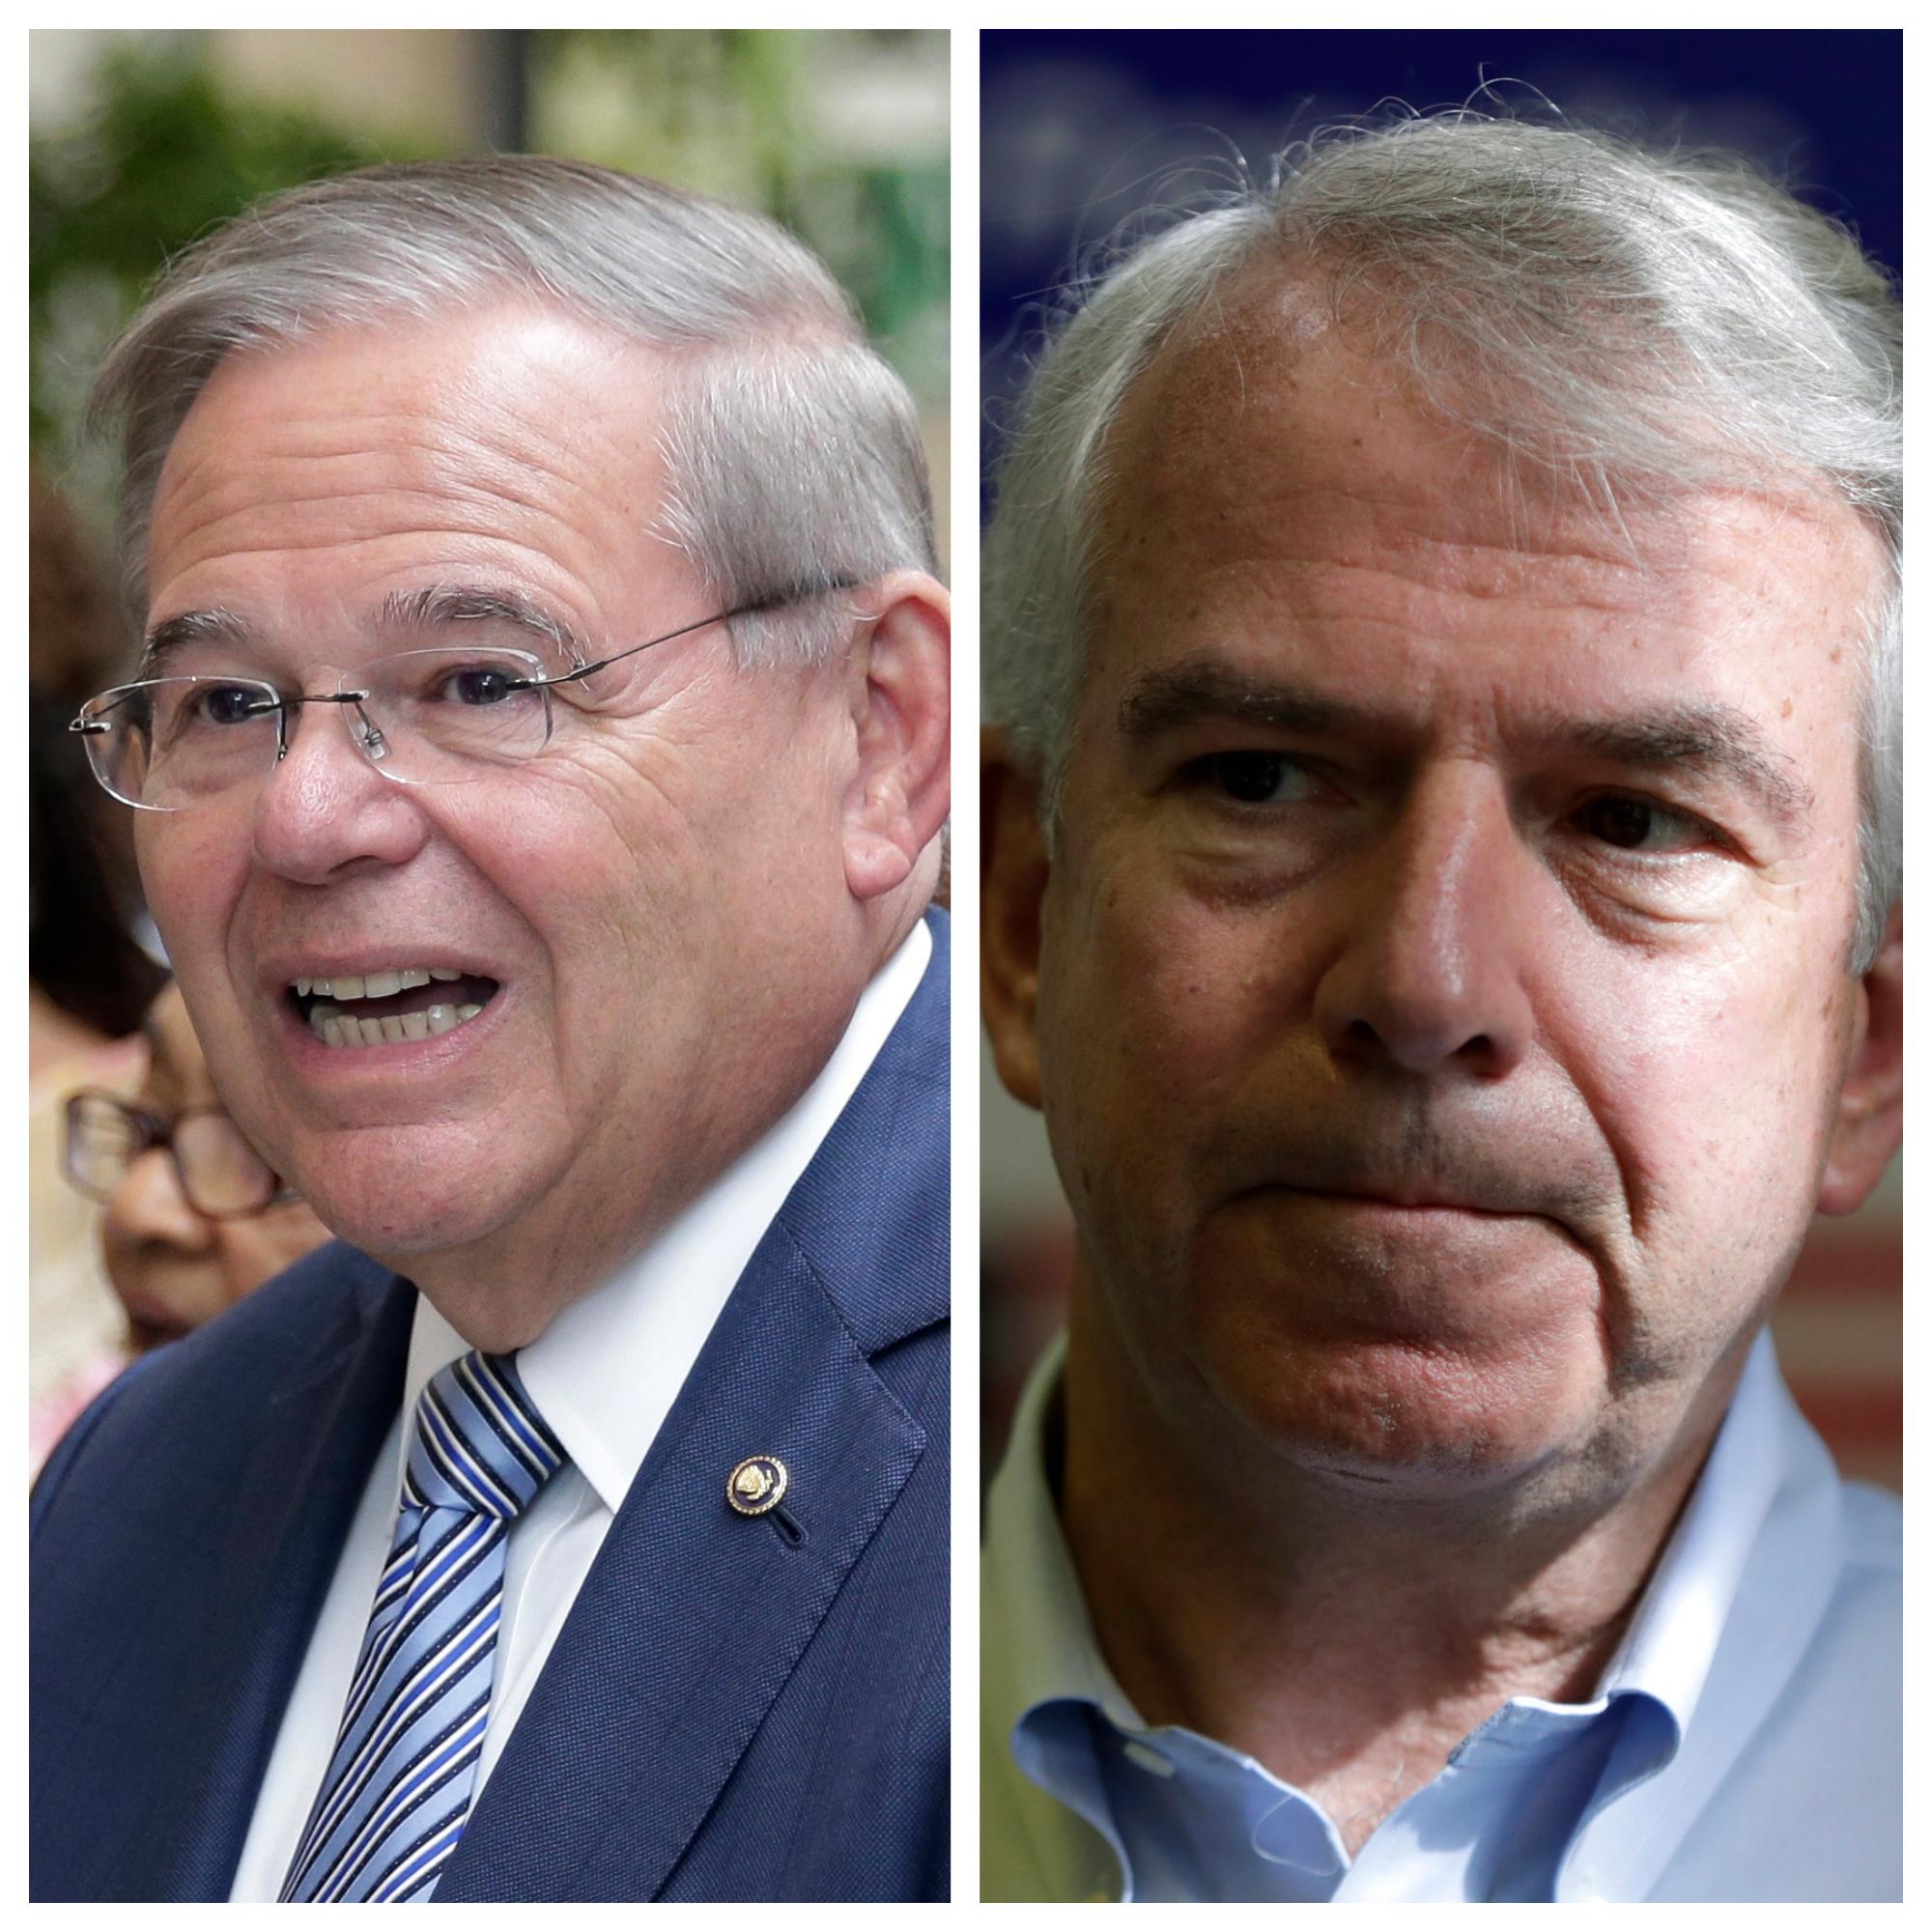 New Jersey Sen. Bob Menenedez, Democratic incumbent, at left. Republican challenger Bob Hugin at right.